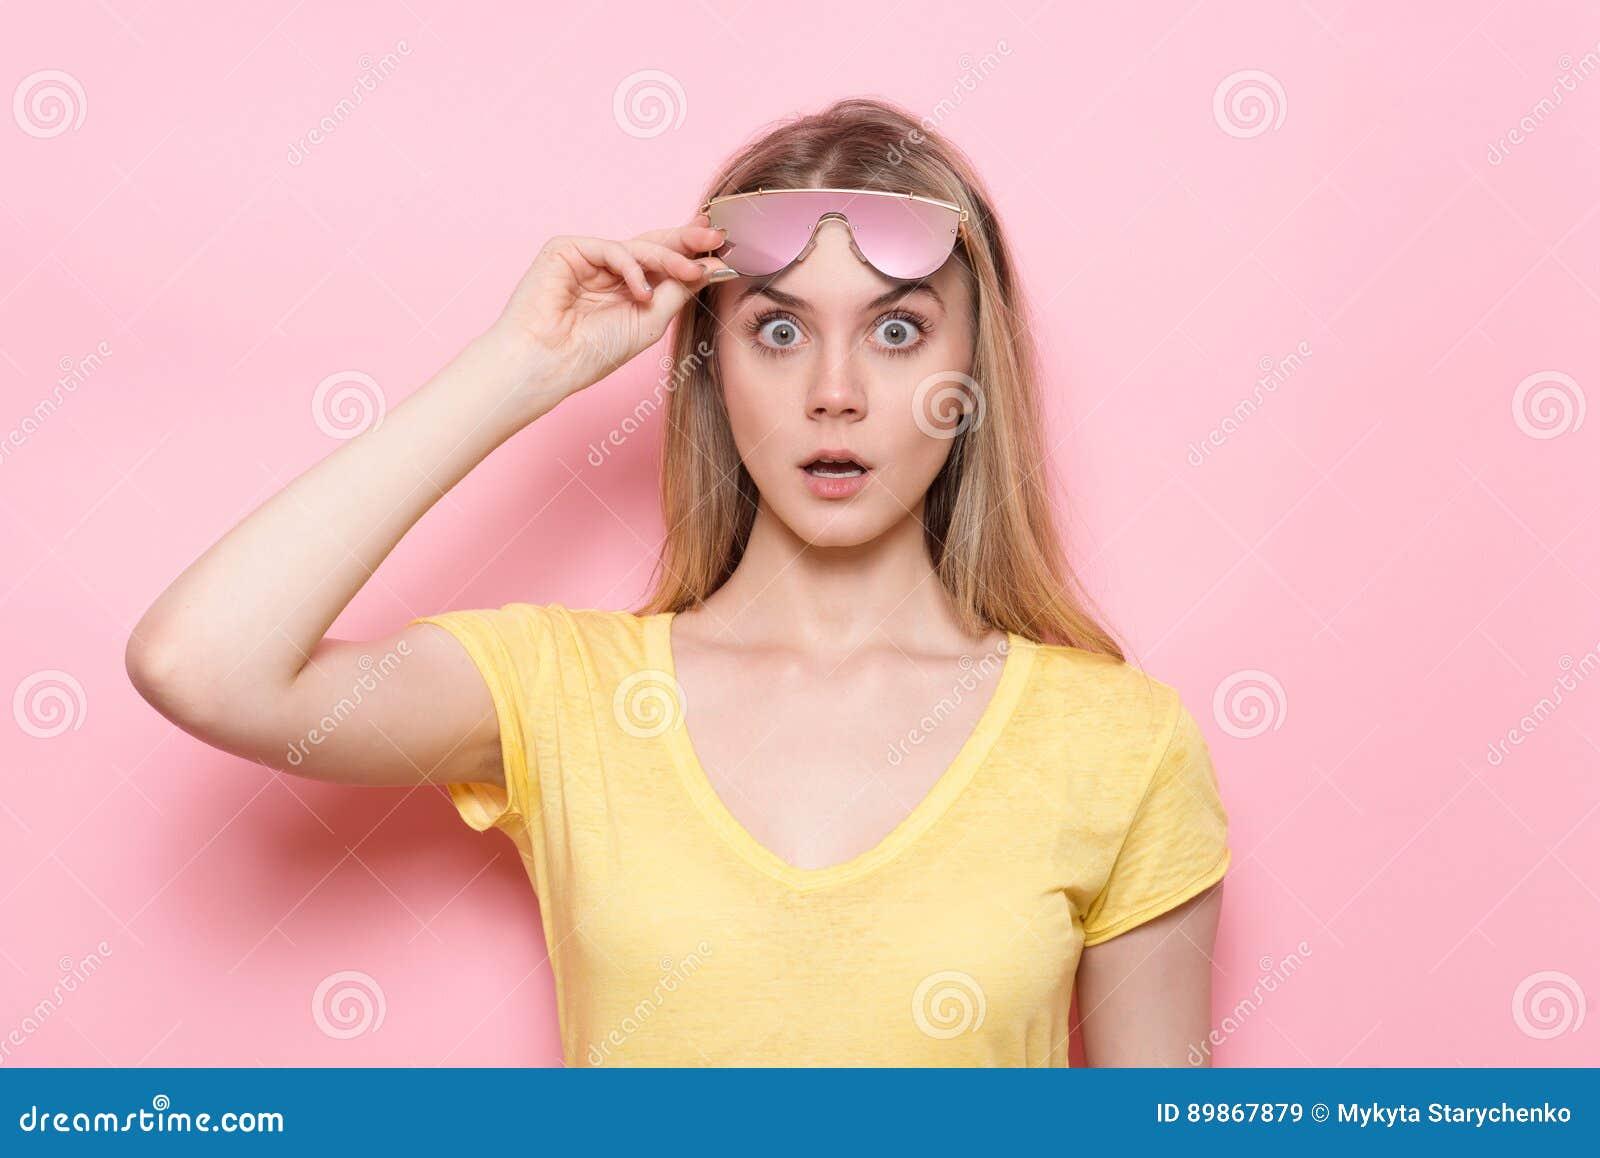 Vrouw geschokt gezicht met open mond en grote ogen